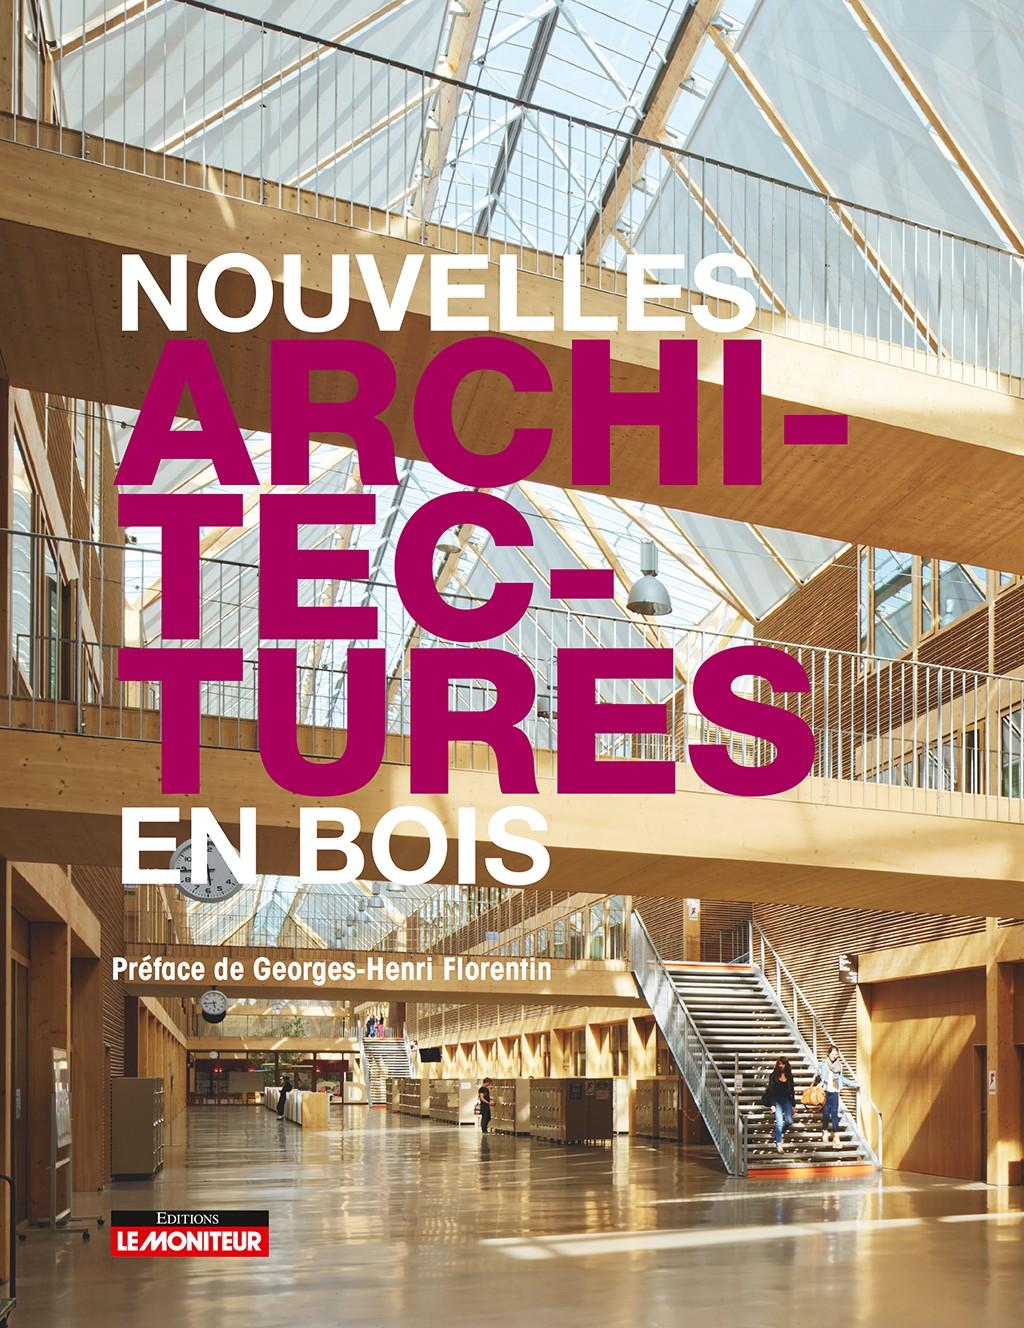 """Juin 2016 Publication ECL de Chaville dans """"Nouvelles architectures en bois"""""""